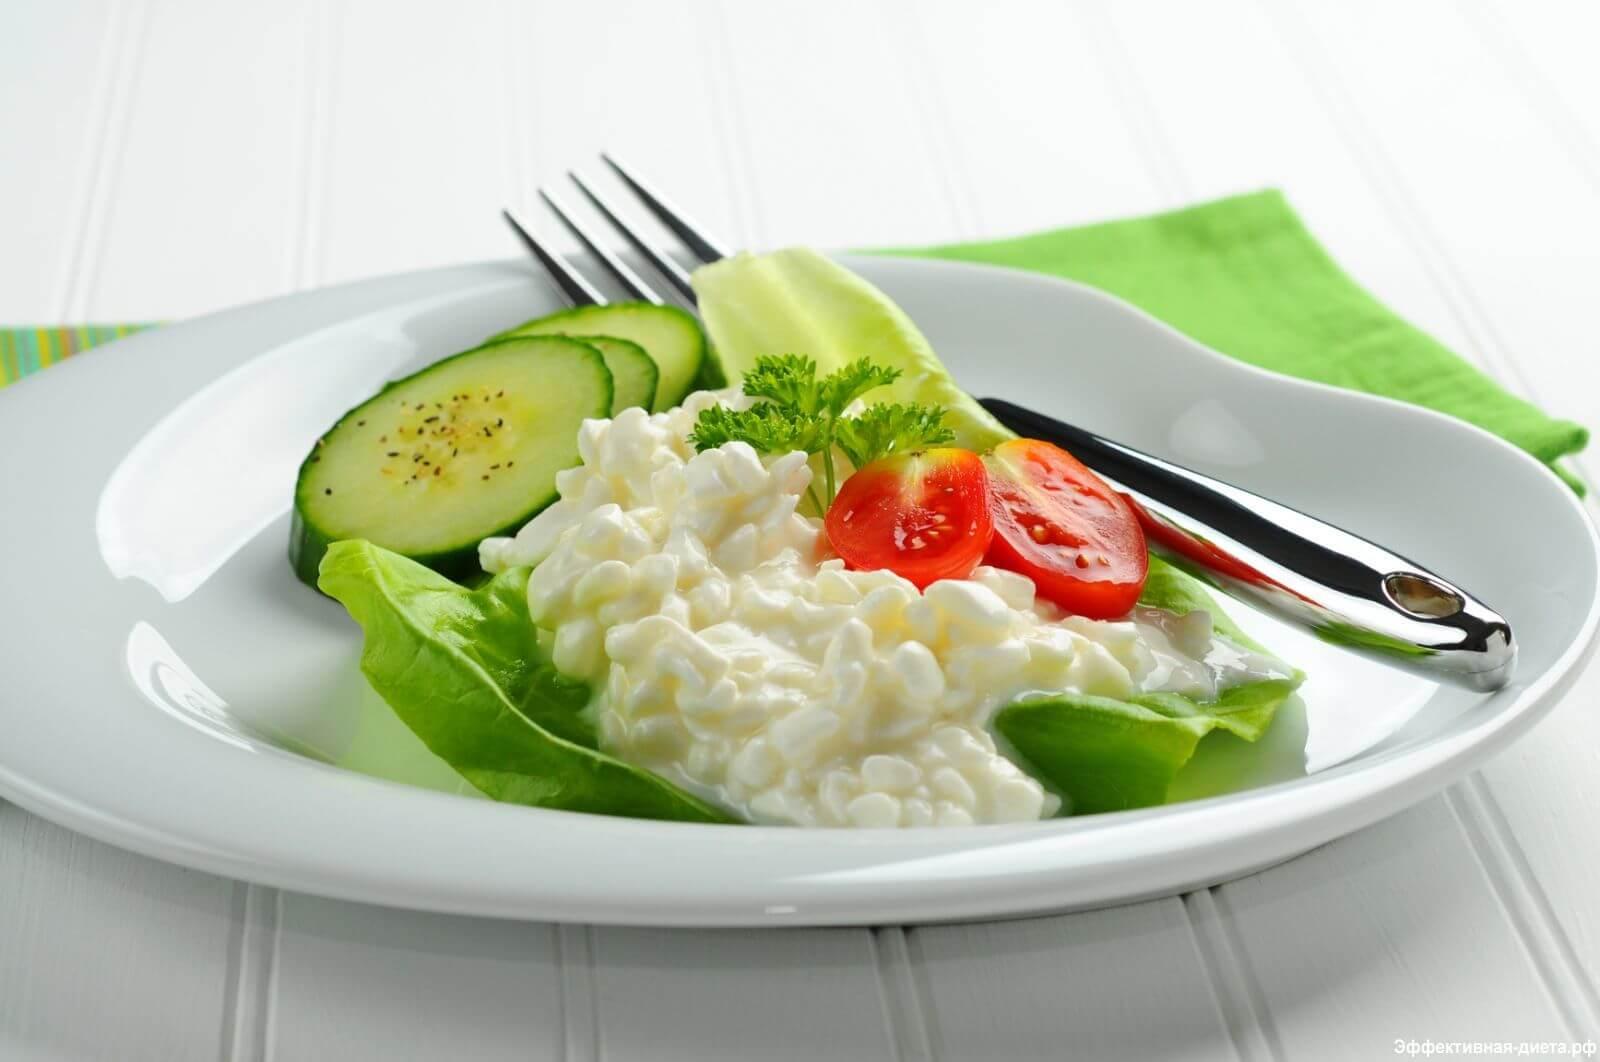 Низкокалорийная диета для похудения отзывы